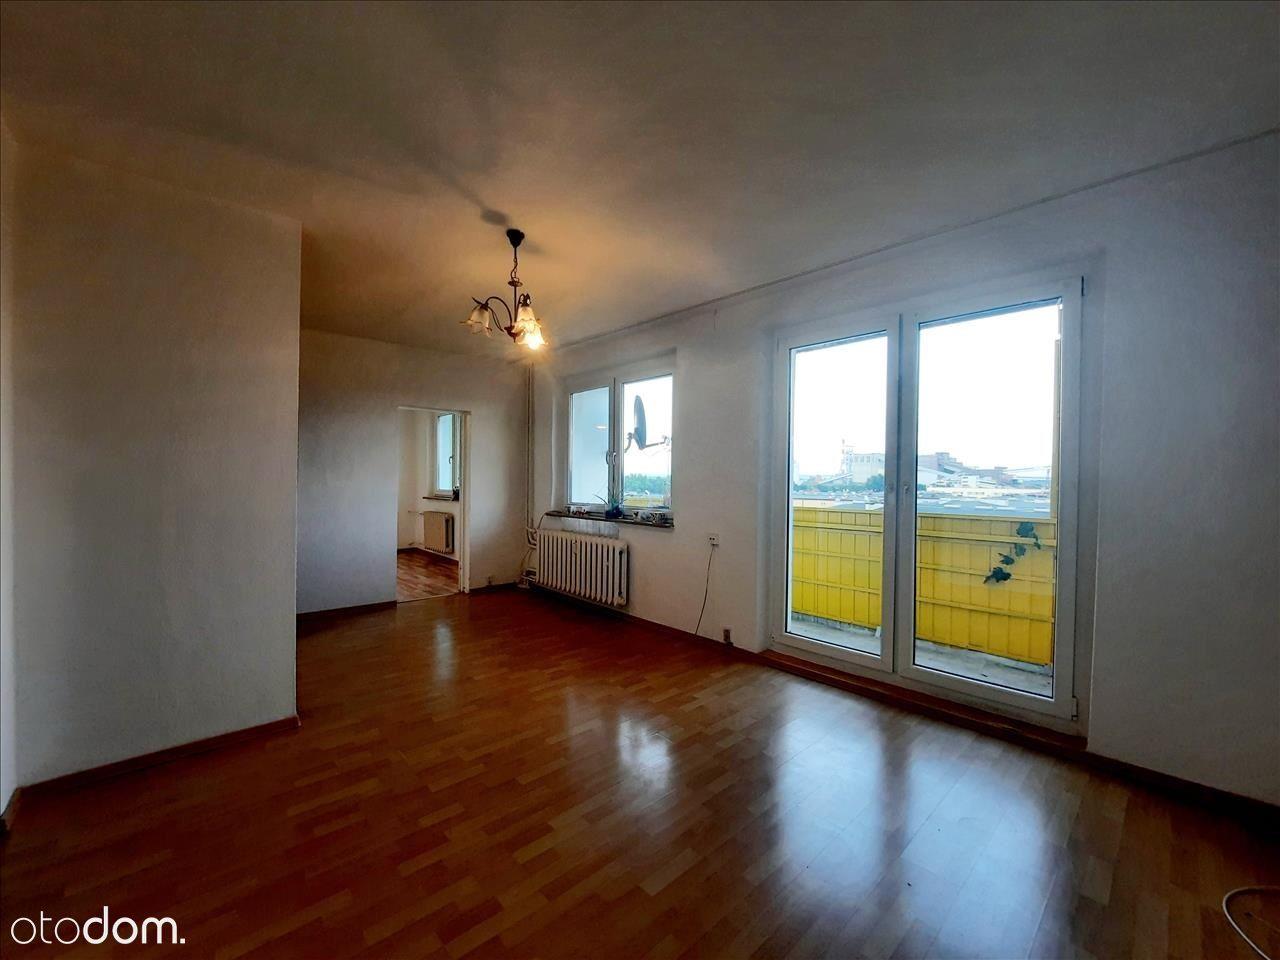 Mieszkanie z dużym potencjałem, 49 m2 - Knurów